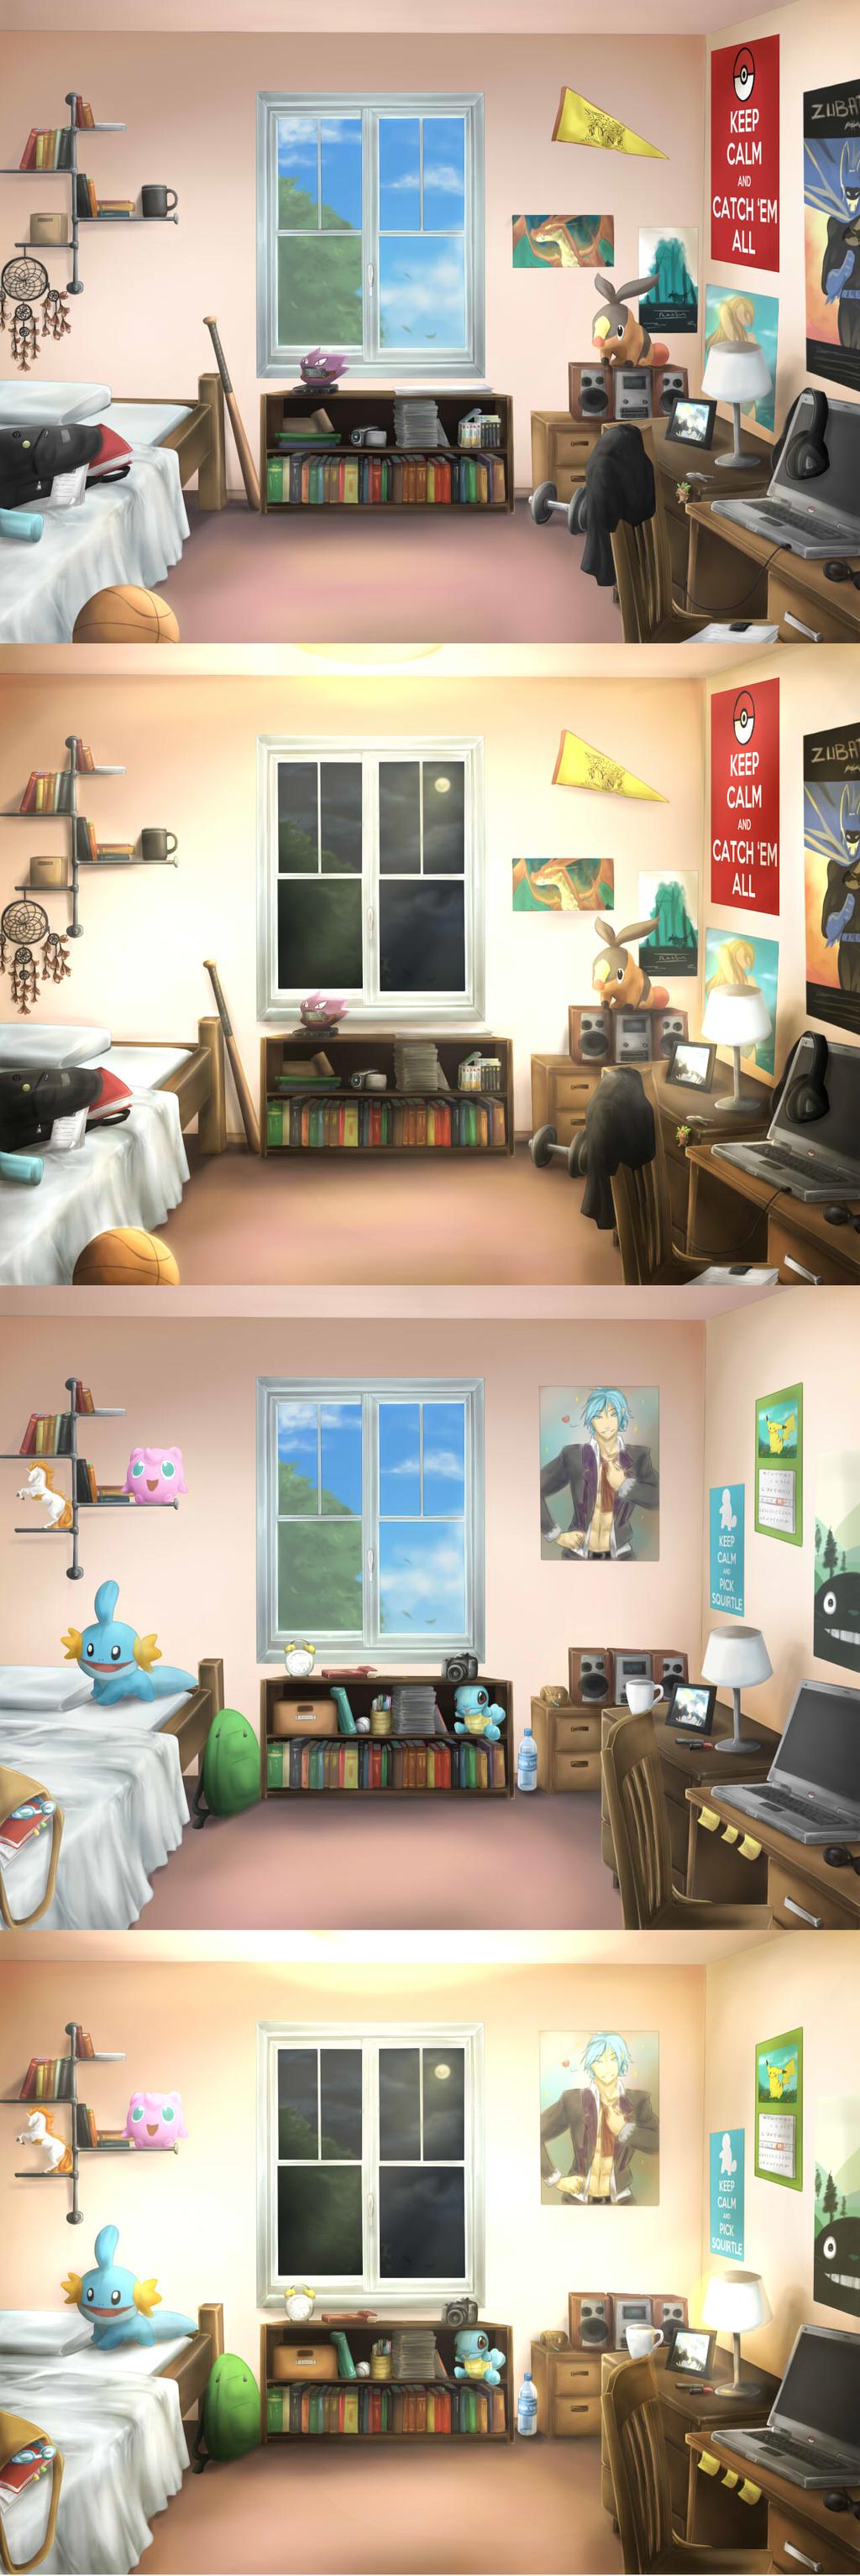 Nuzlocke VN Collab: Dorm rooms by Antarija